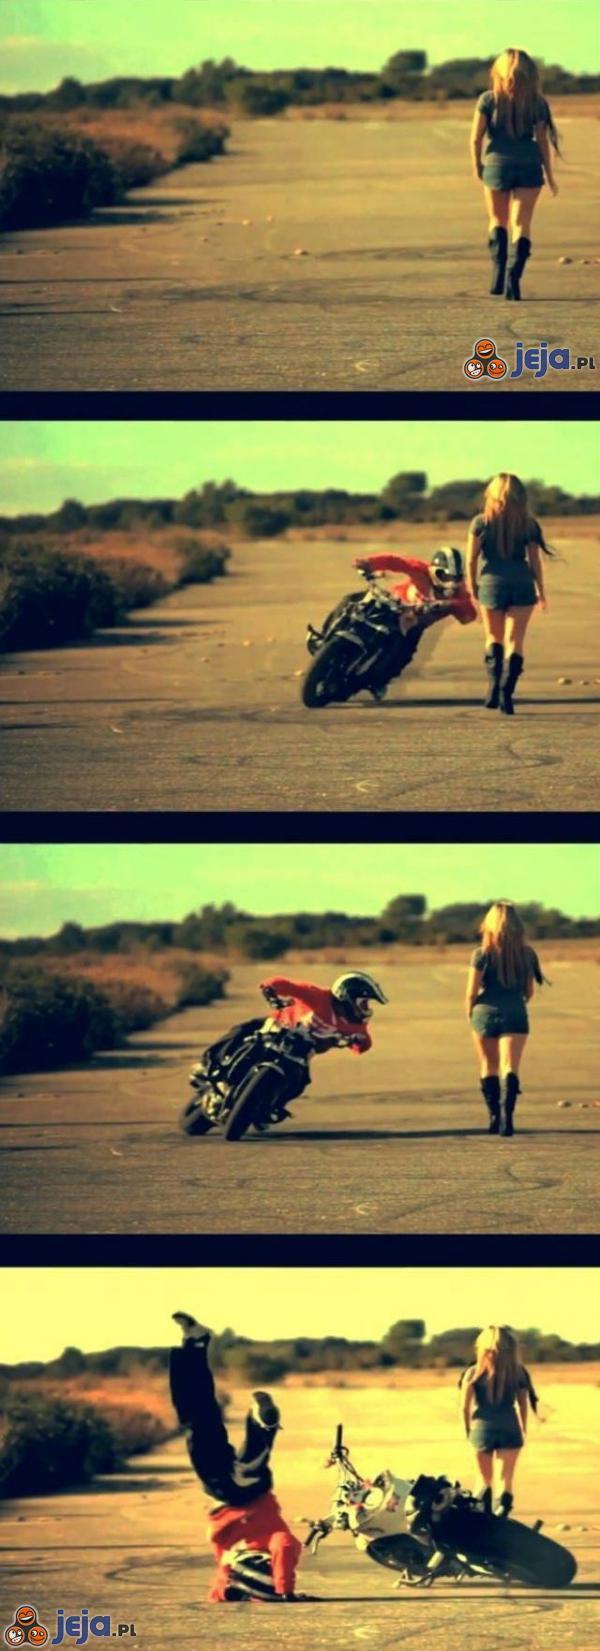 Na motocyklistów czyha wiele niebezpieczeństw